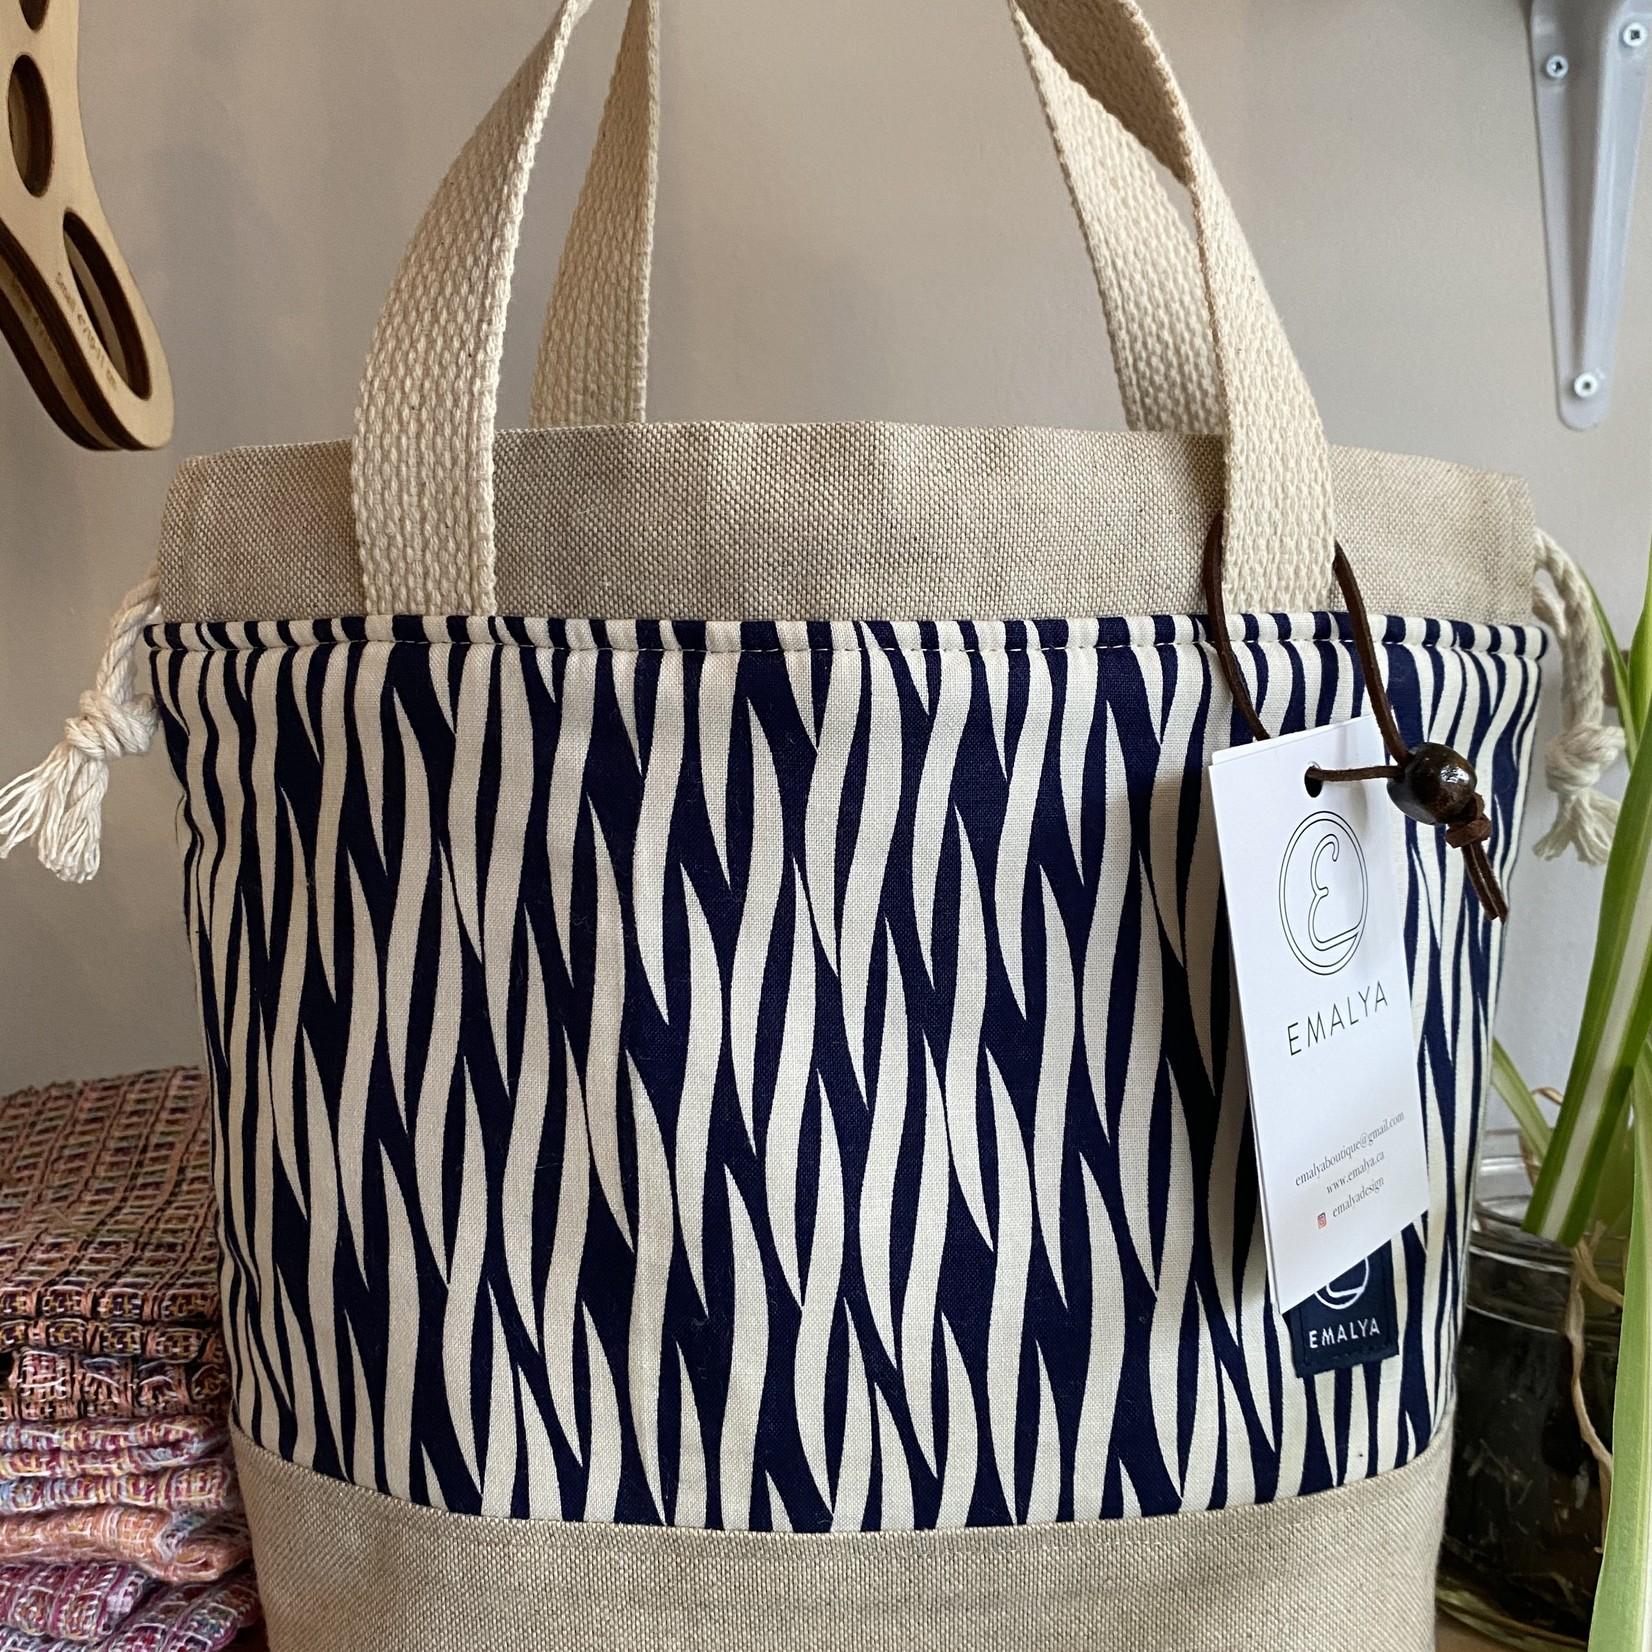 EMALYA EMALYA - Project Bags